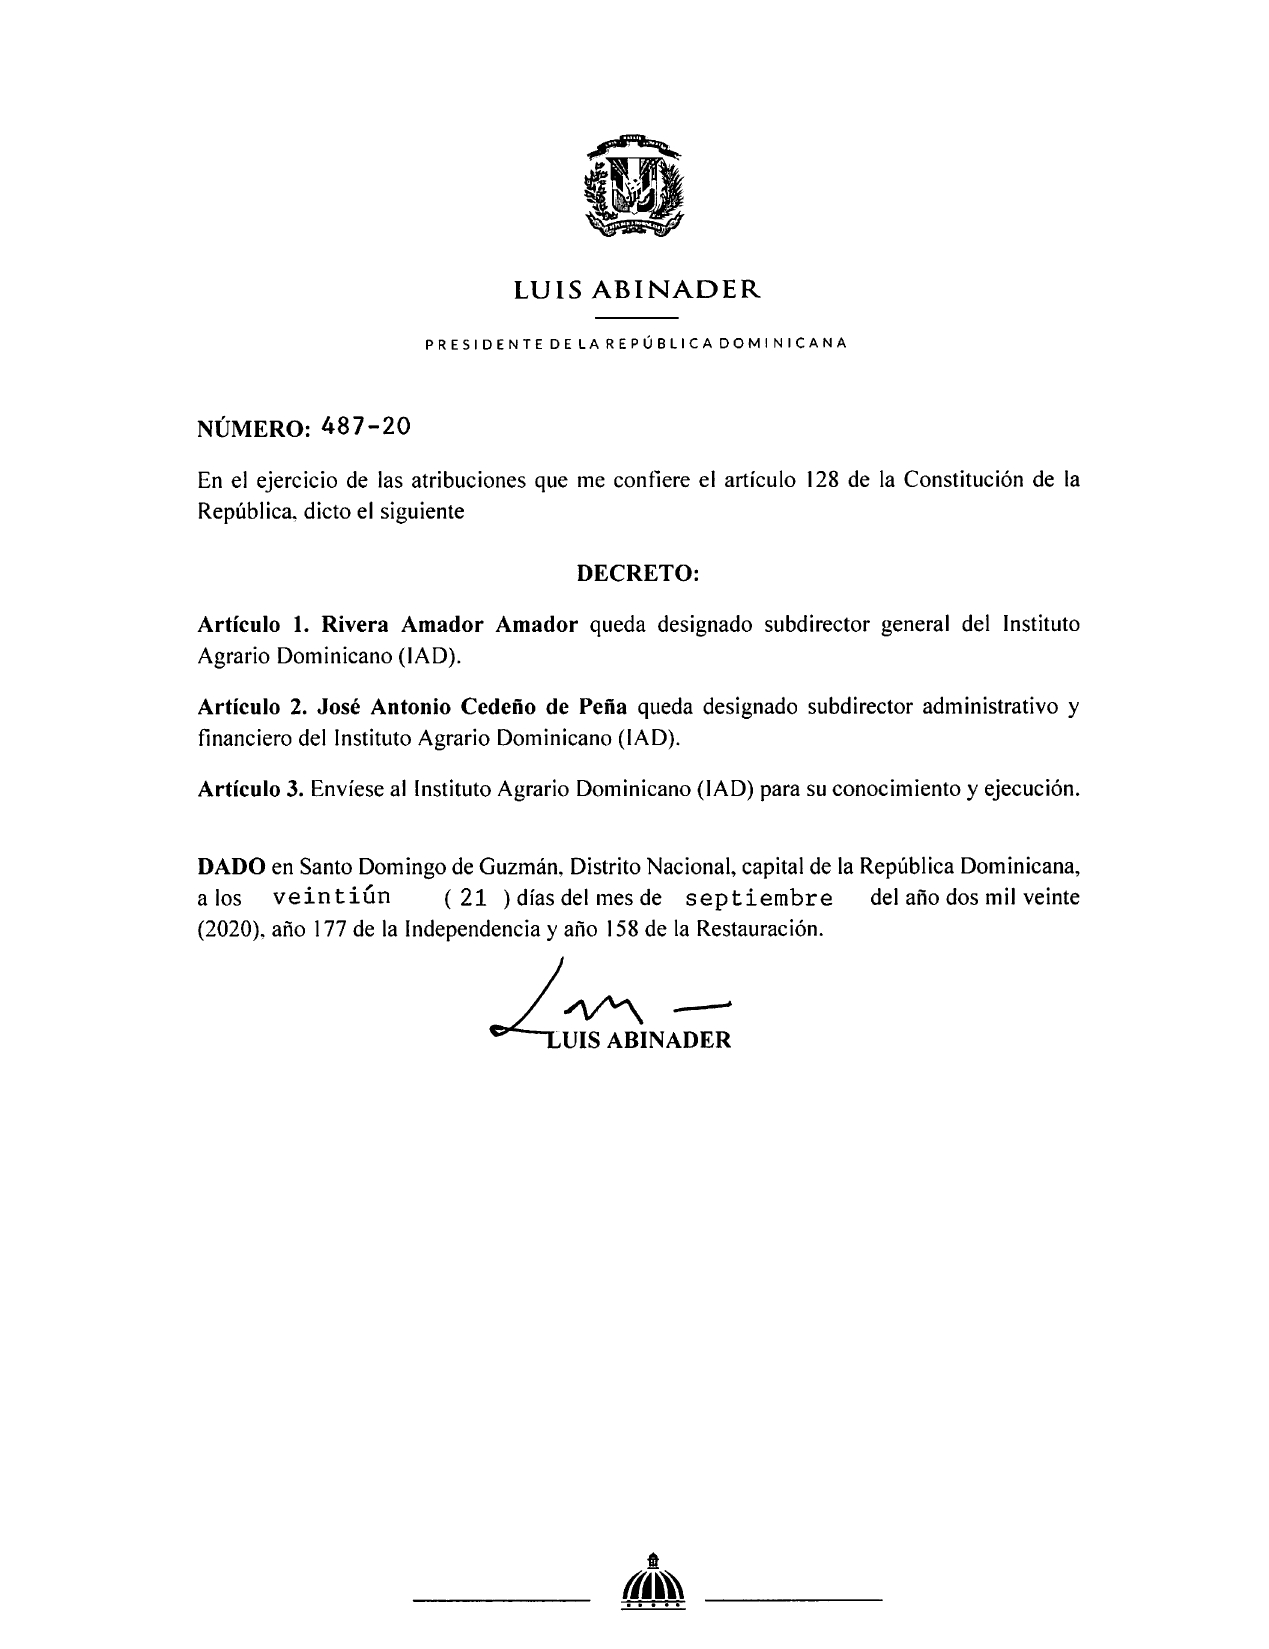 decreto 487-20